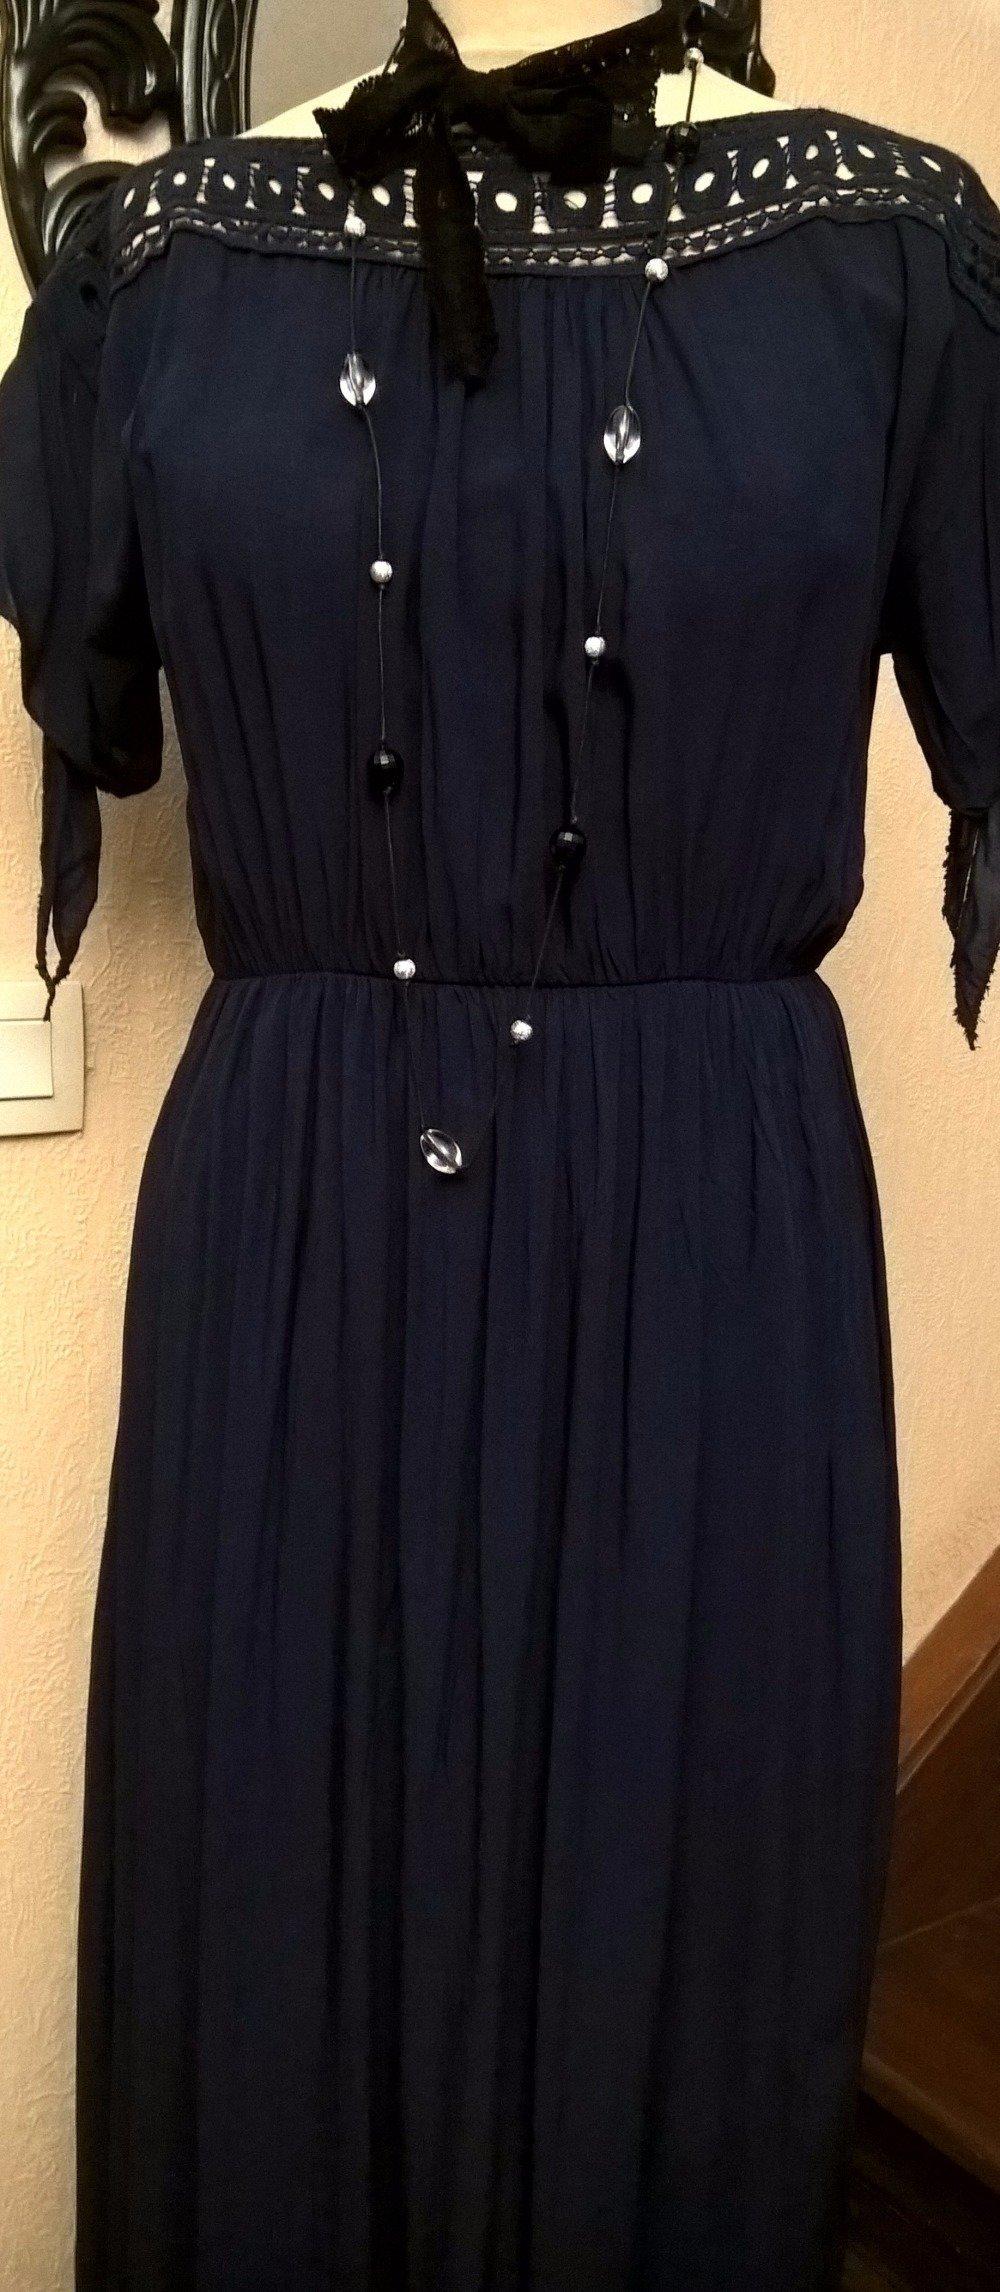 Robe longue,soie et viscose,couleur bleu marine,robe femme,robe fille,cadeau femme